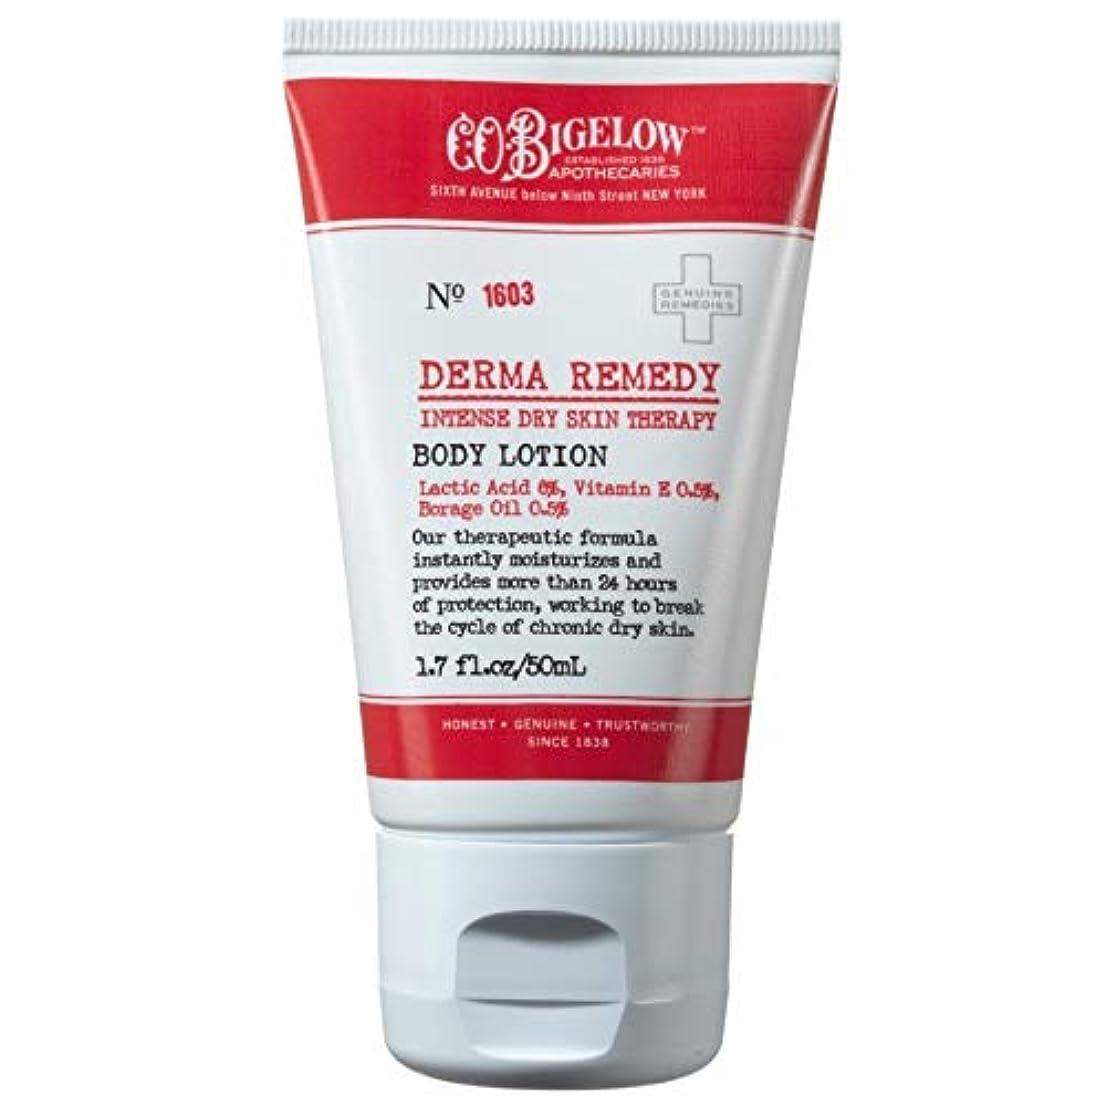 アジア人無ダーツ[C.O. Bigelow] C.O.ビゲローダーマ救済激しい乾燥肌の治療ボディローション - C.O. Bigelow Derma Remedy Intense Dry Skin Therapy Body Lotion...